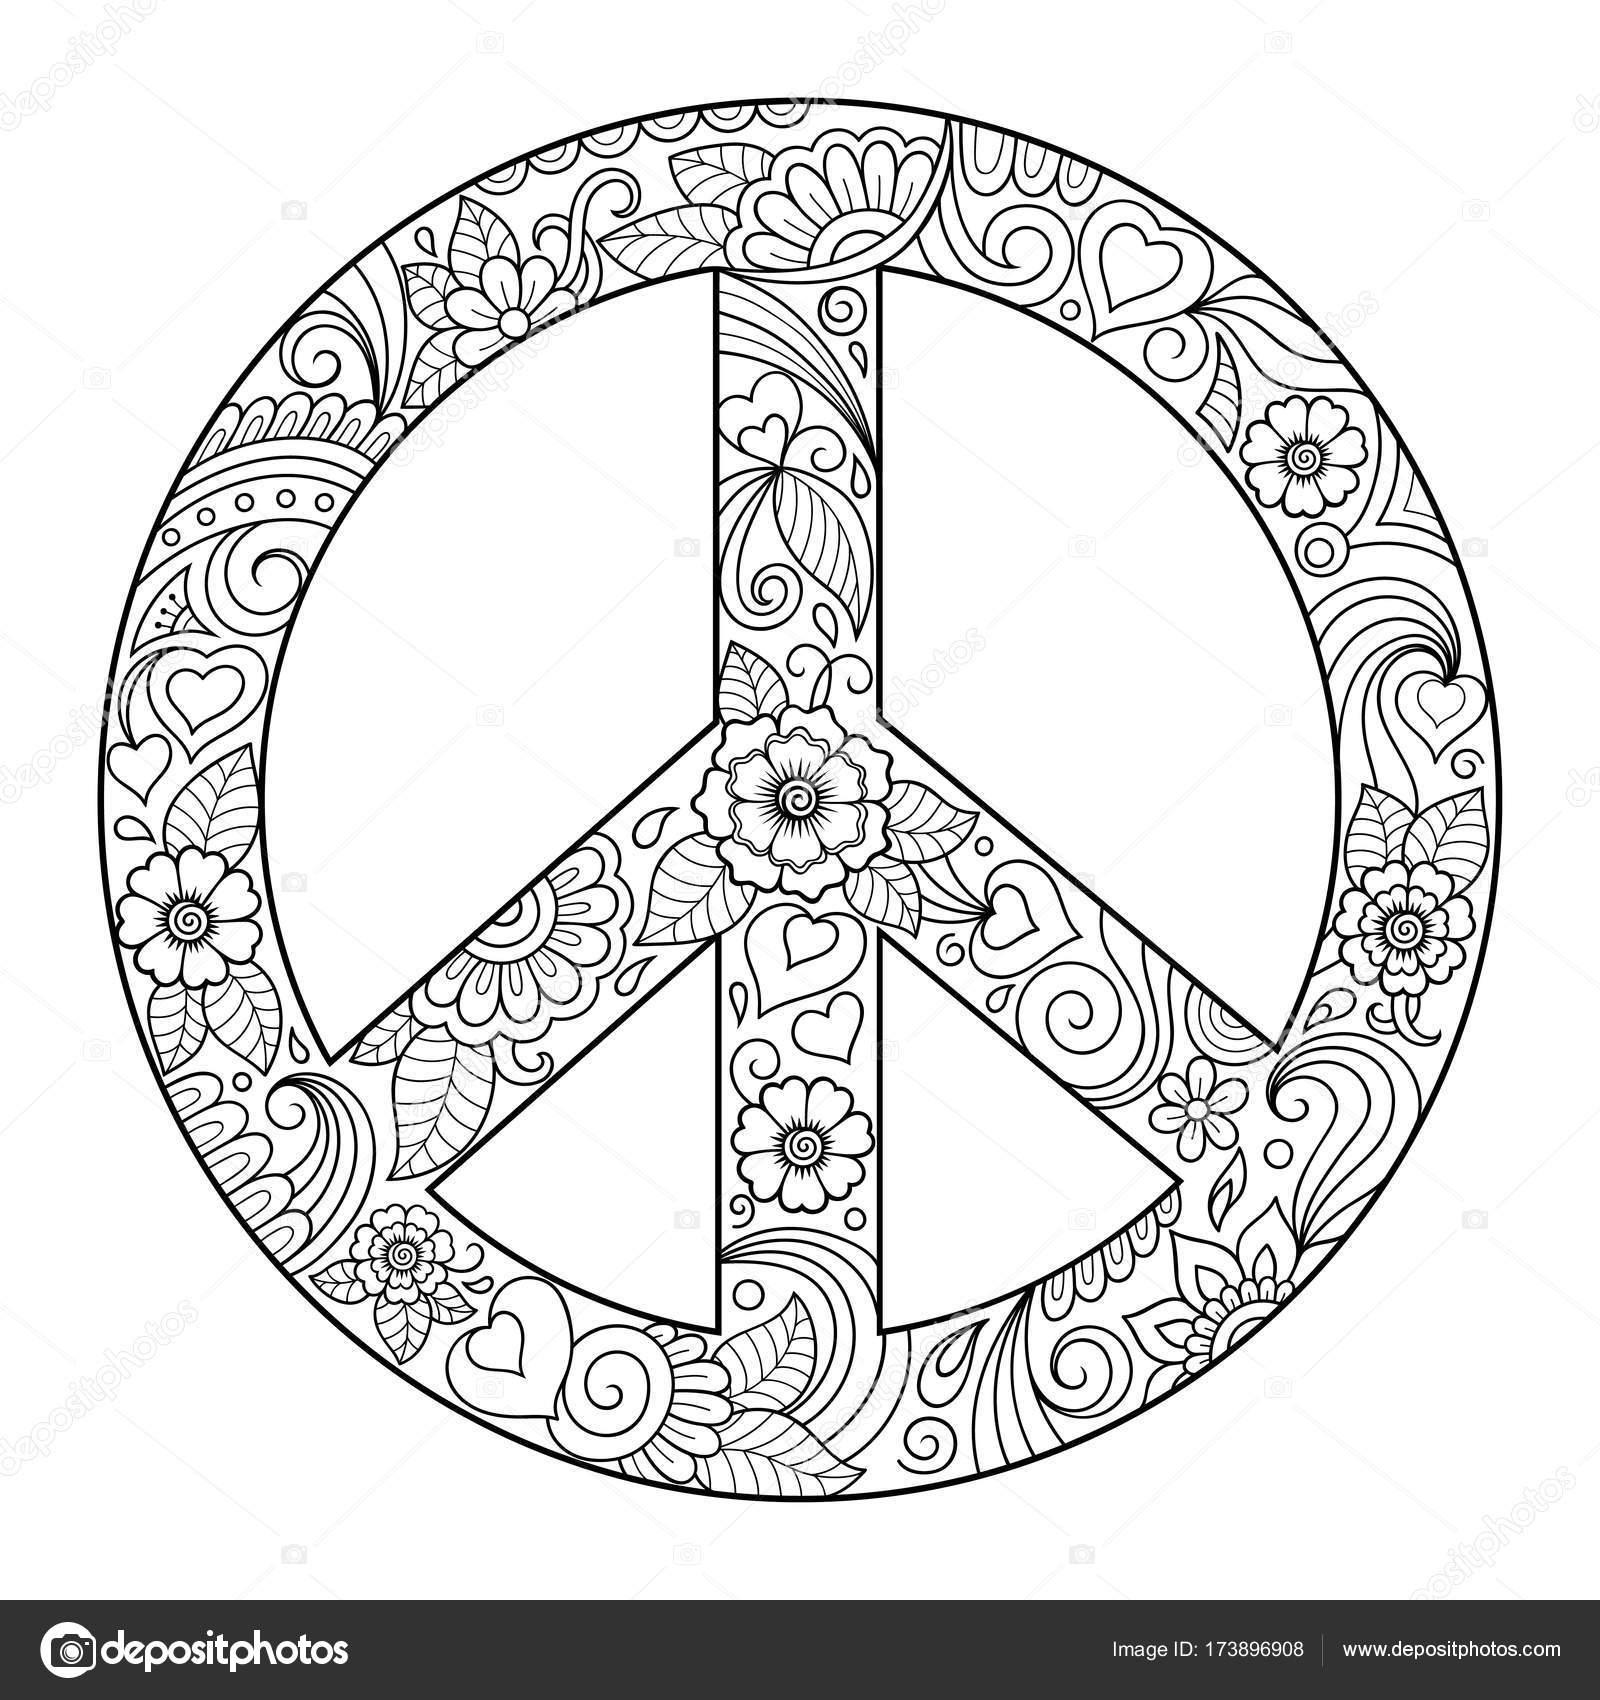 Imágenes: simbolos hippies para colorear | Pacífico Símbolo Del